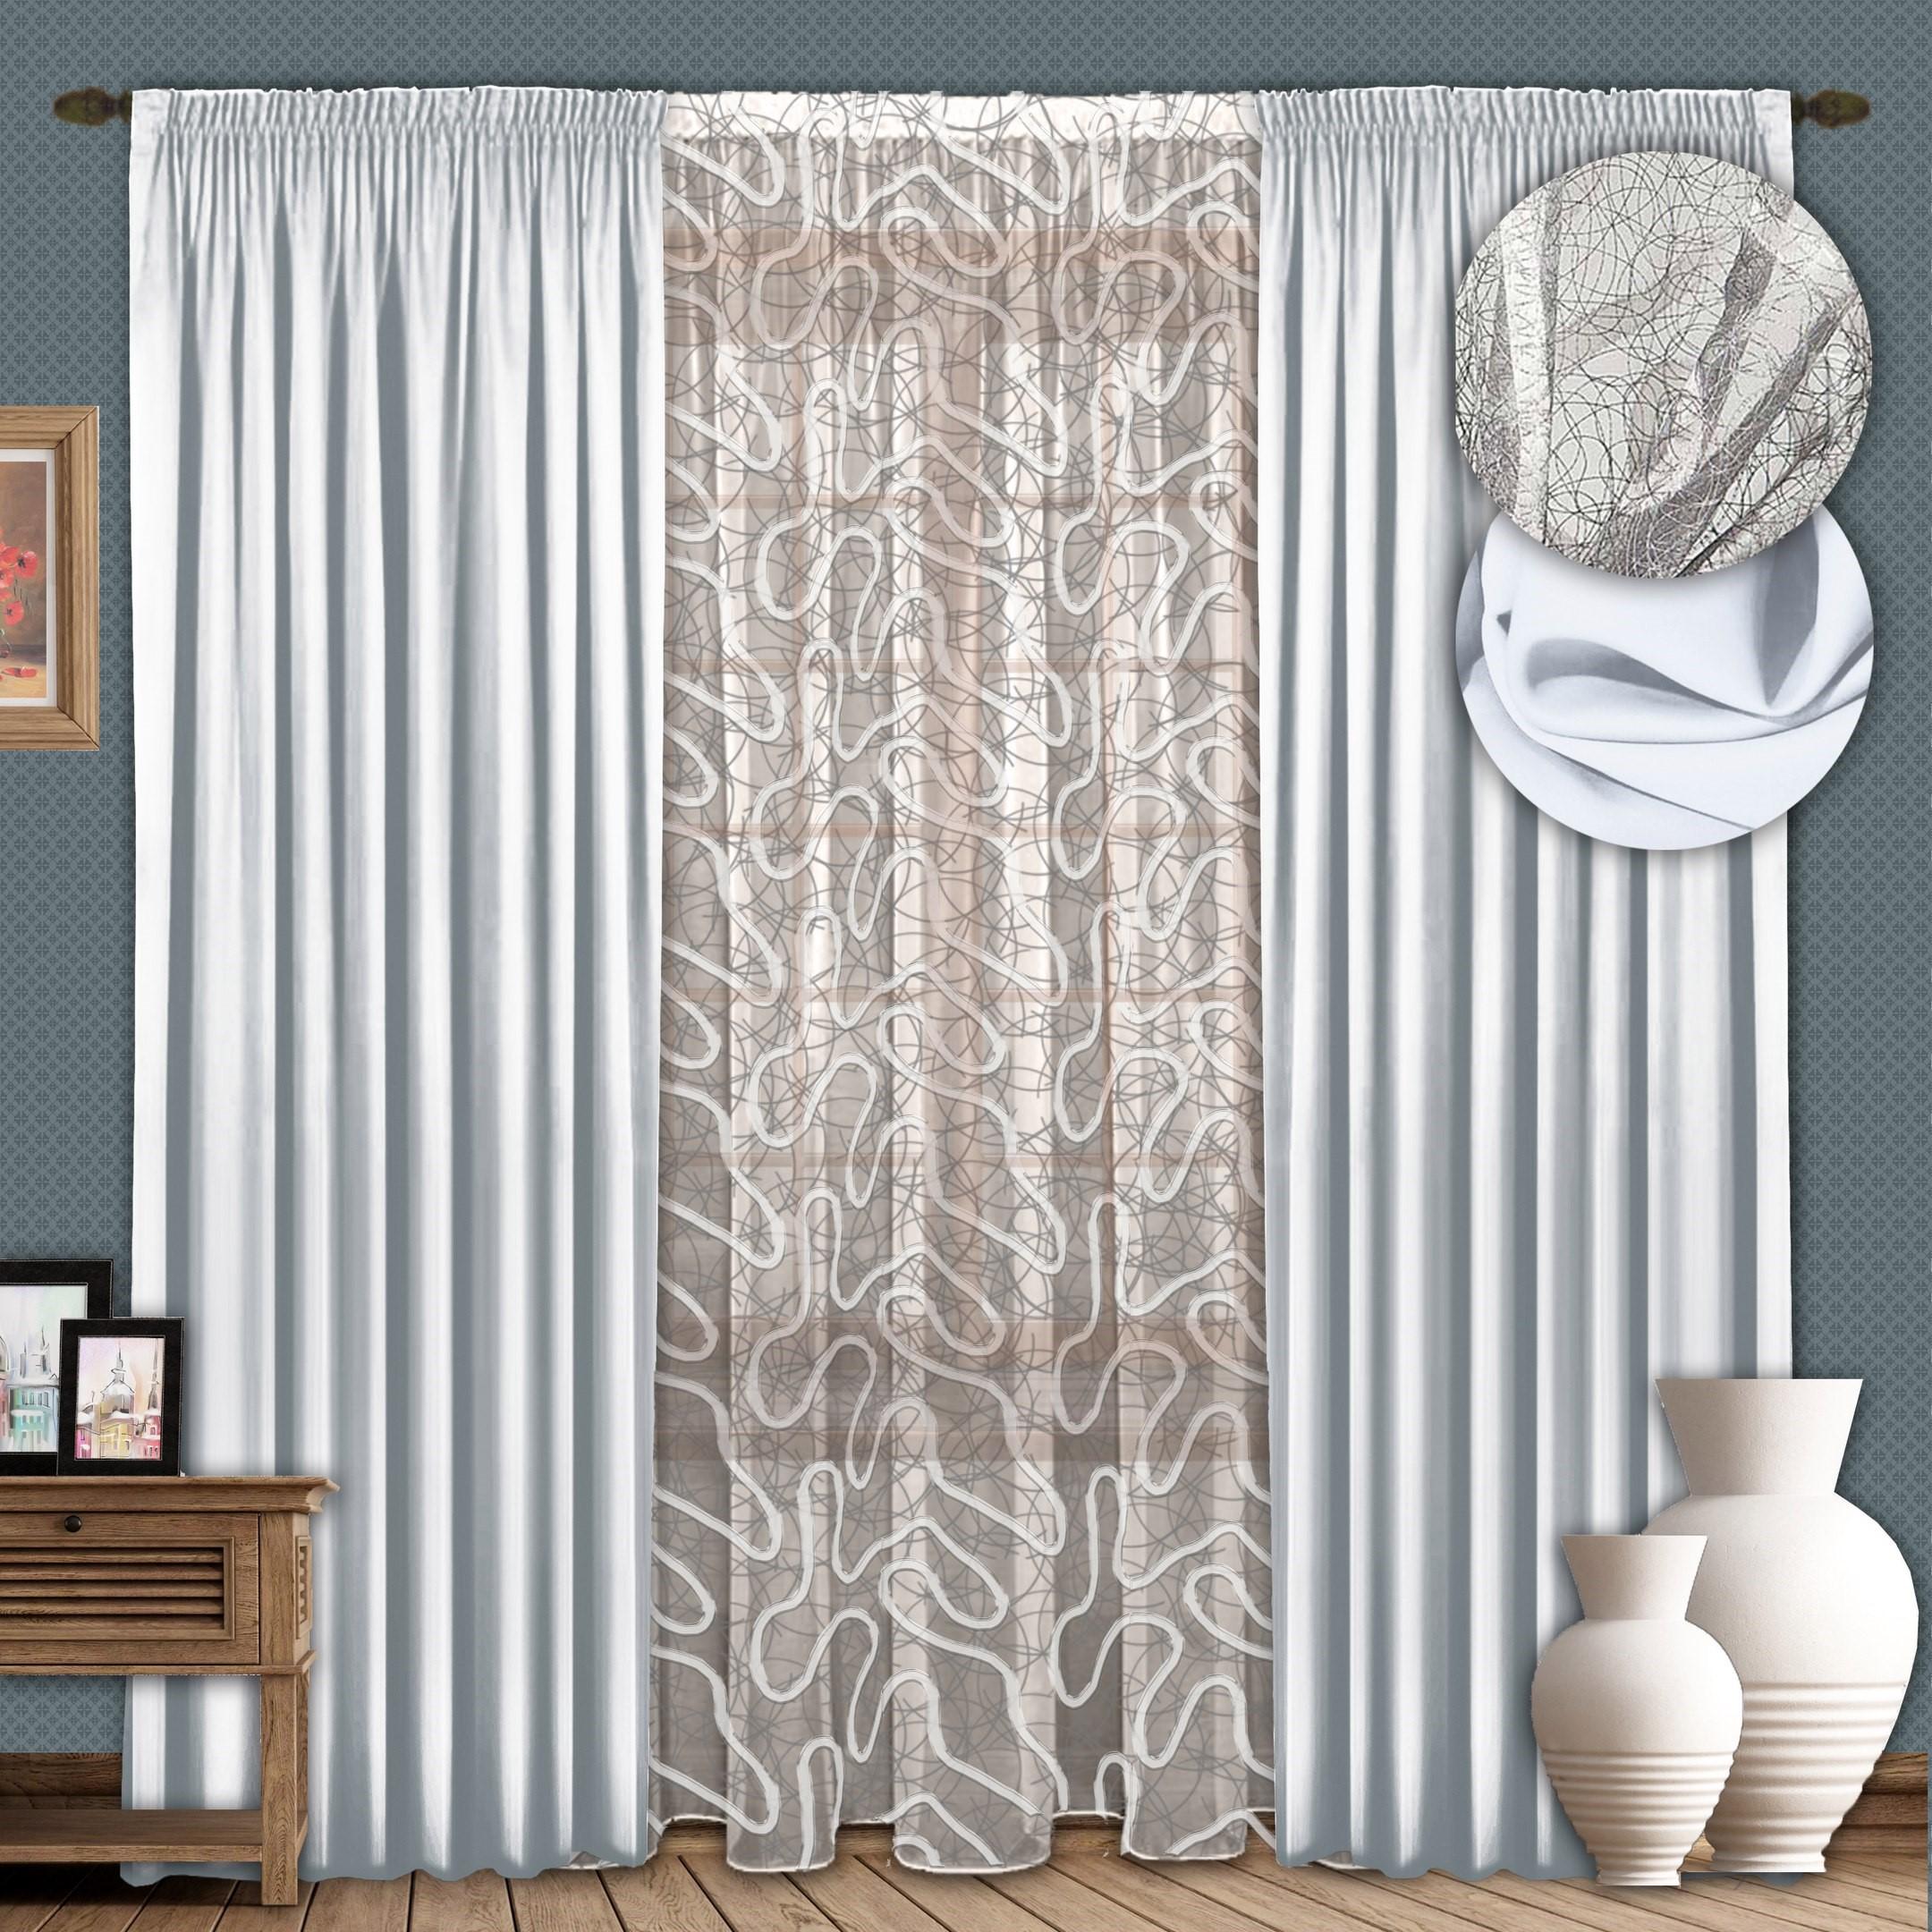 Шторы РеалТекс Классические шторы Milana Цвет: Светло-Серый шторы tac классические шторы winx цвет персиковый 200x265 см